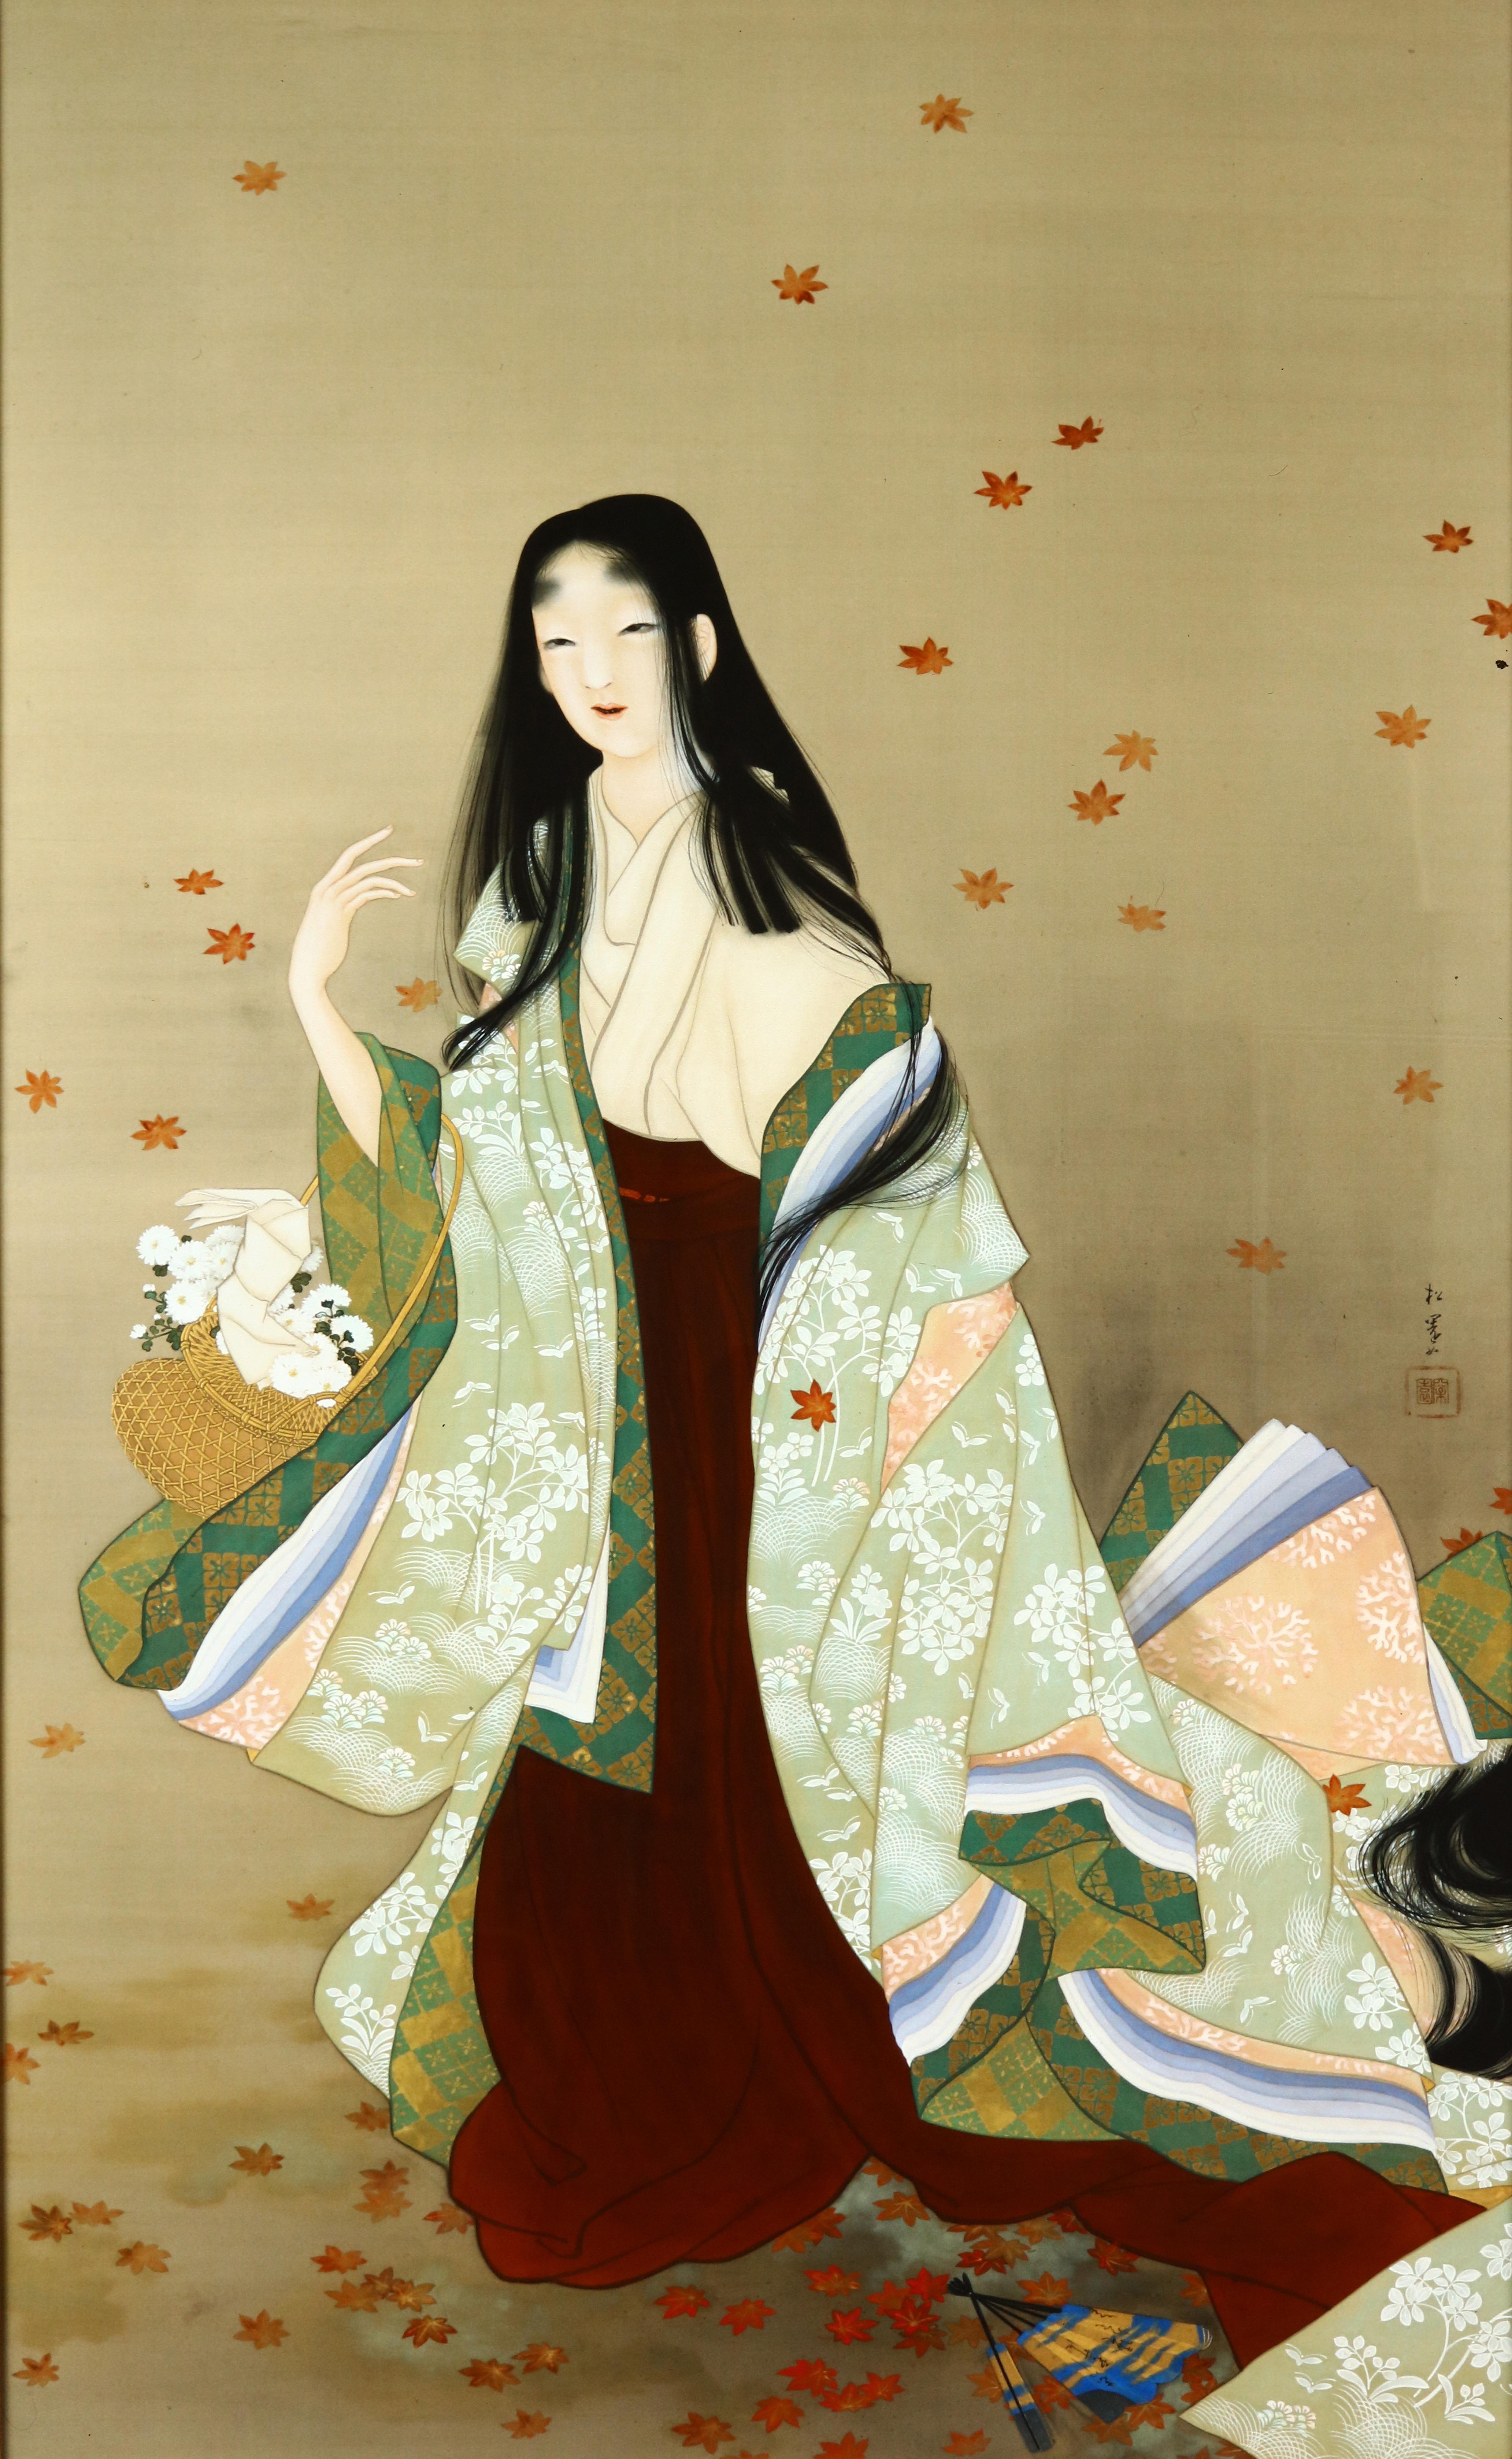 美人画 表情の妙 伊東深水 池田蕉園 上村松園 長崎歴史文化博物館